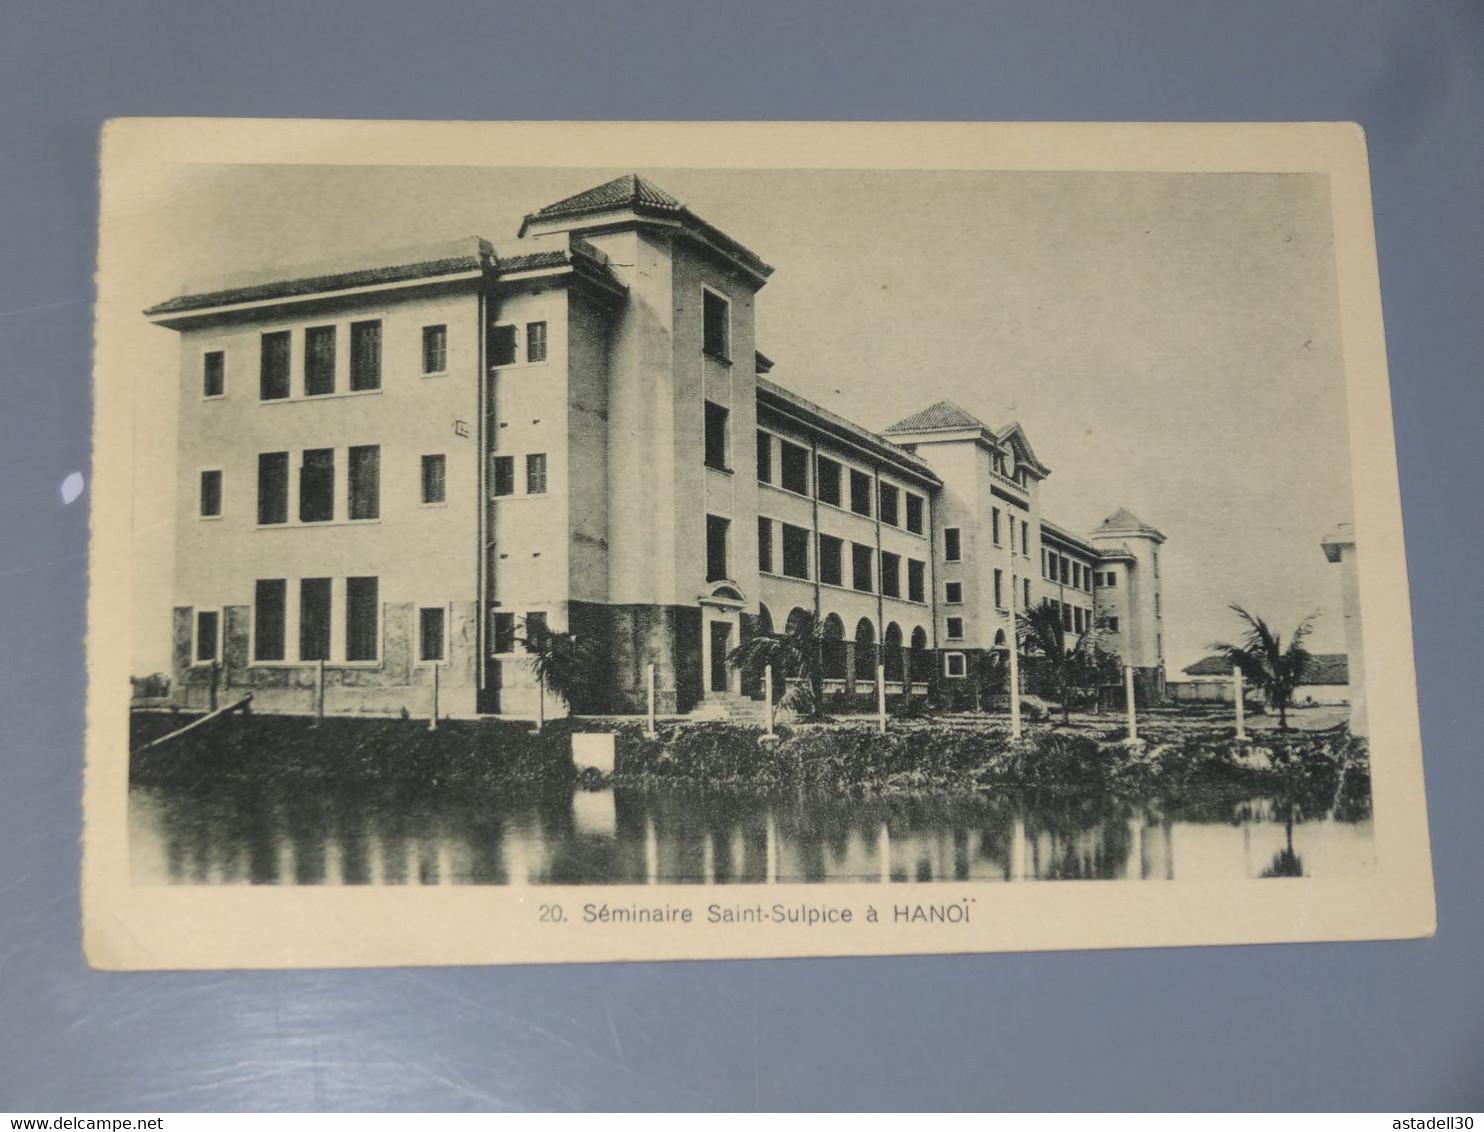 VIETNAM : HANOI : Séminaire Saint Sulpice ................ 210202-2205 - Vietnam